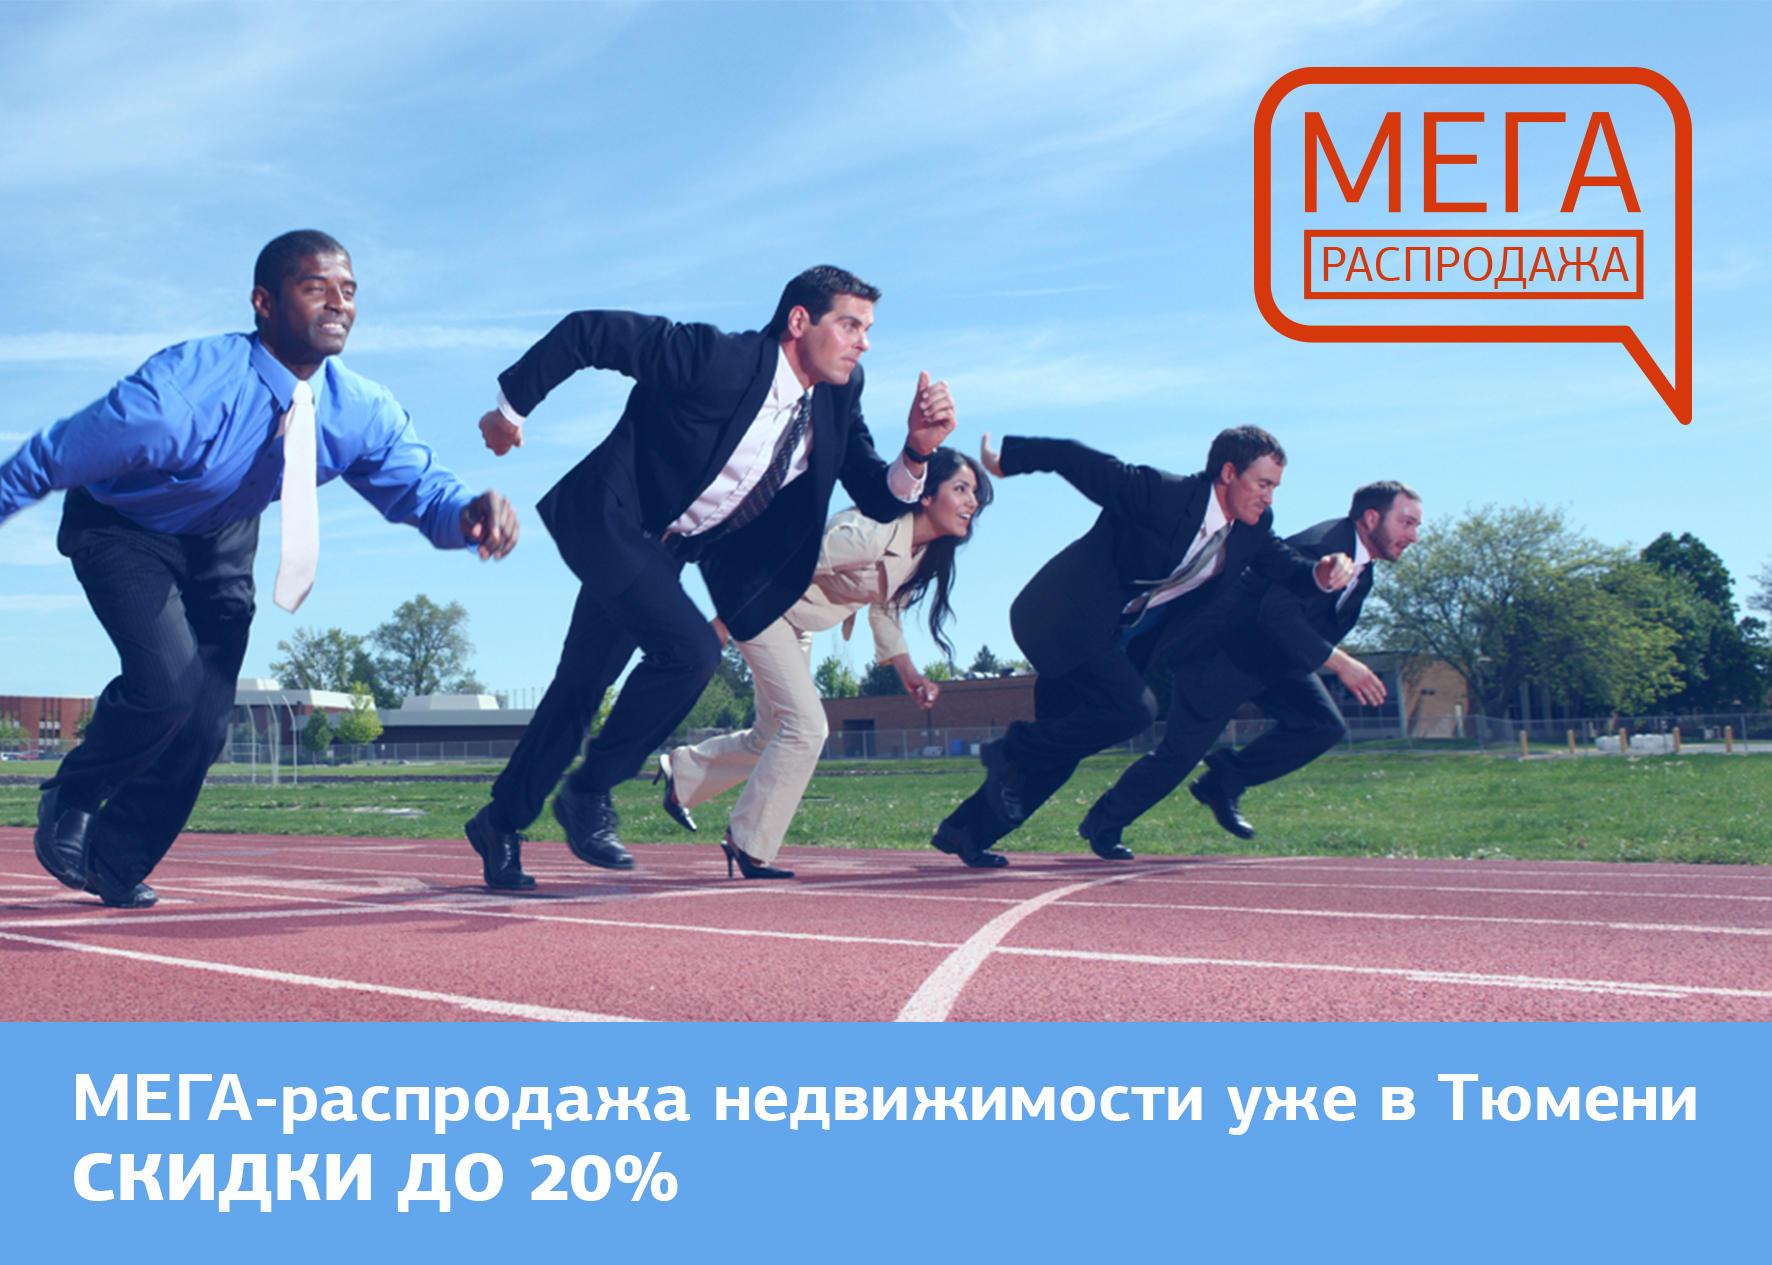 «МЕГА-распродажа» недвижимости уже в Тюмени. Скидки до 1 400 000 рублей!